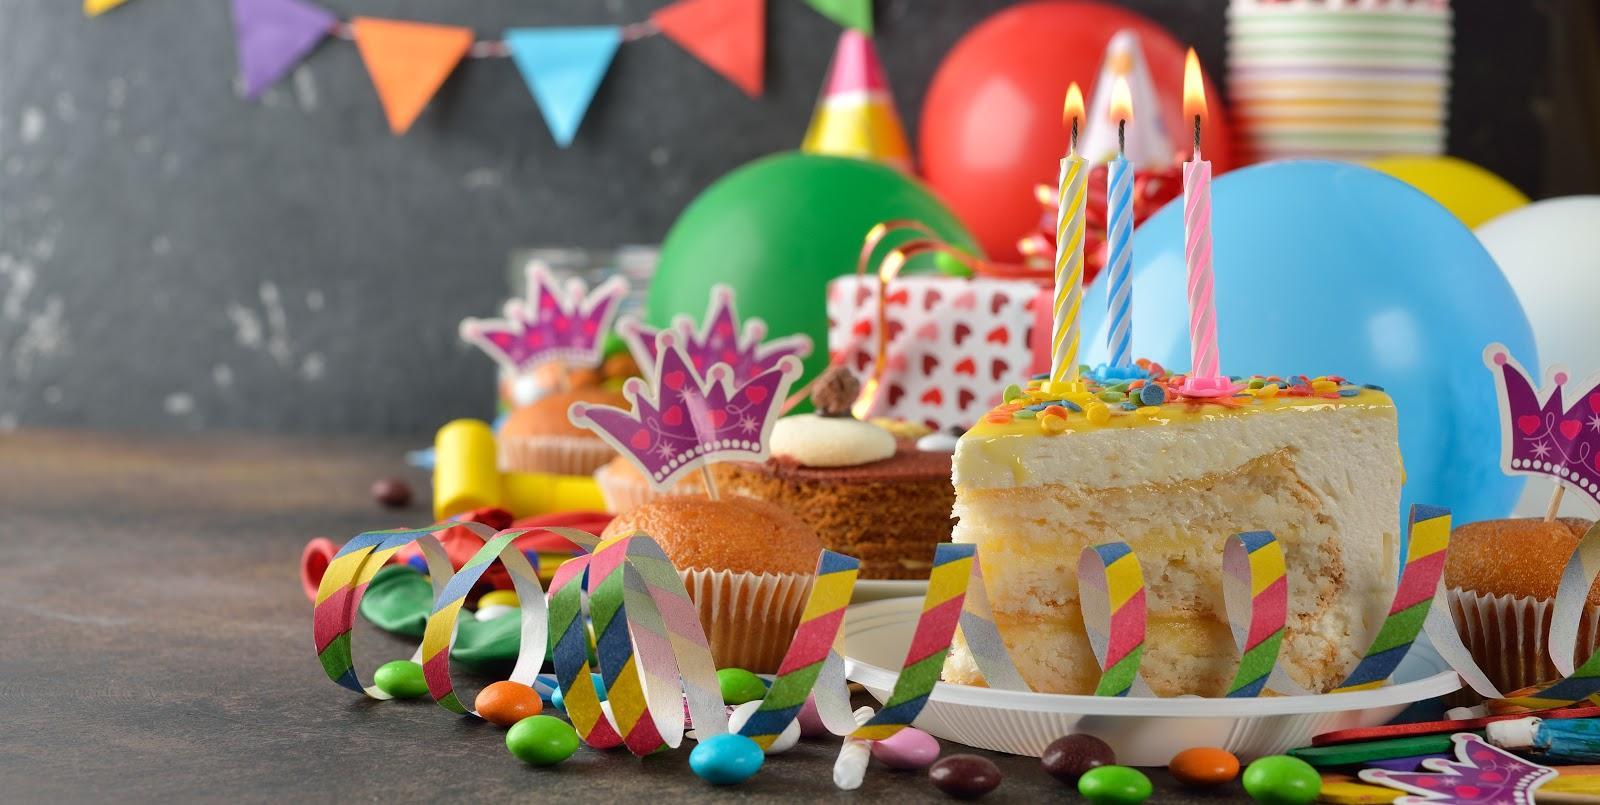 ハッピー バースデー 今日 は 1 年 に たった 一度 の 君 の 誕生 日